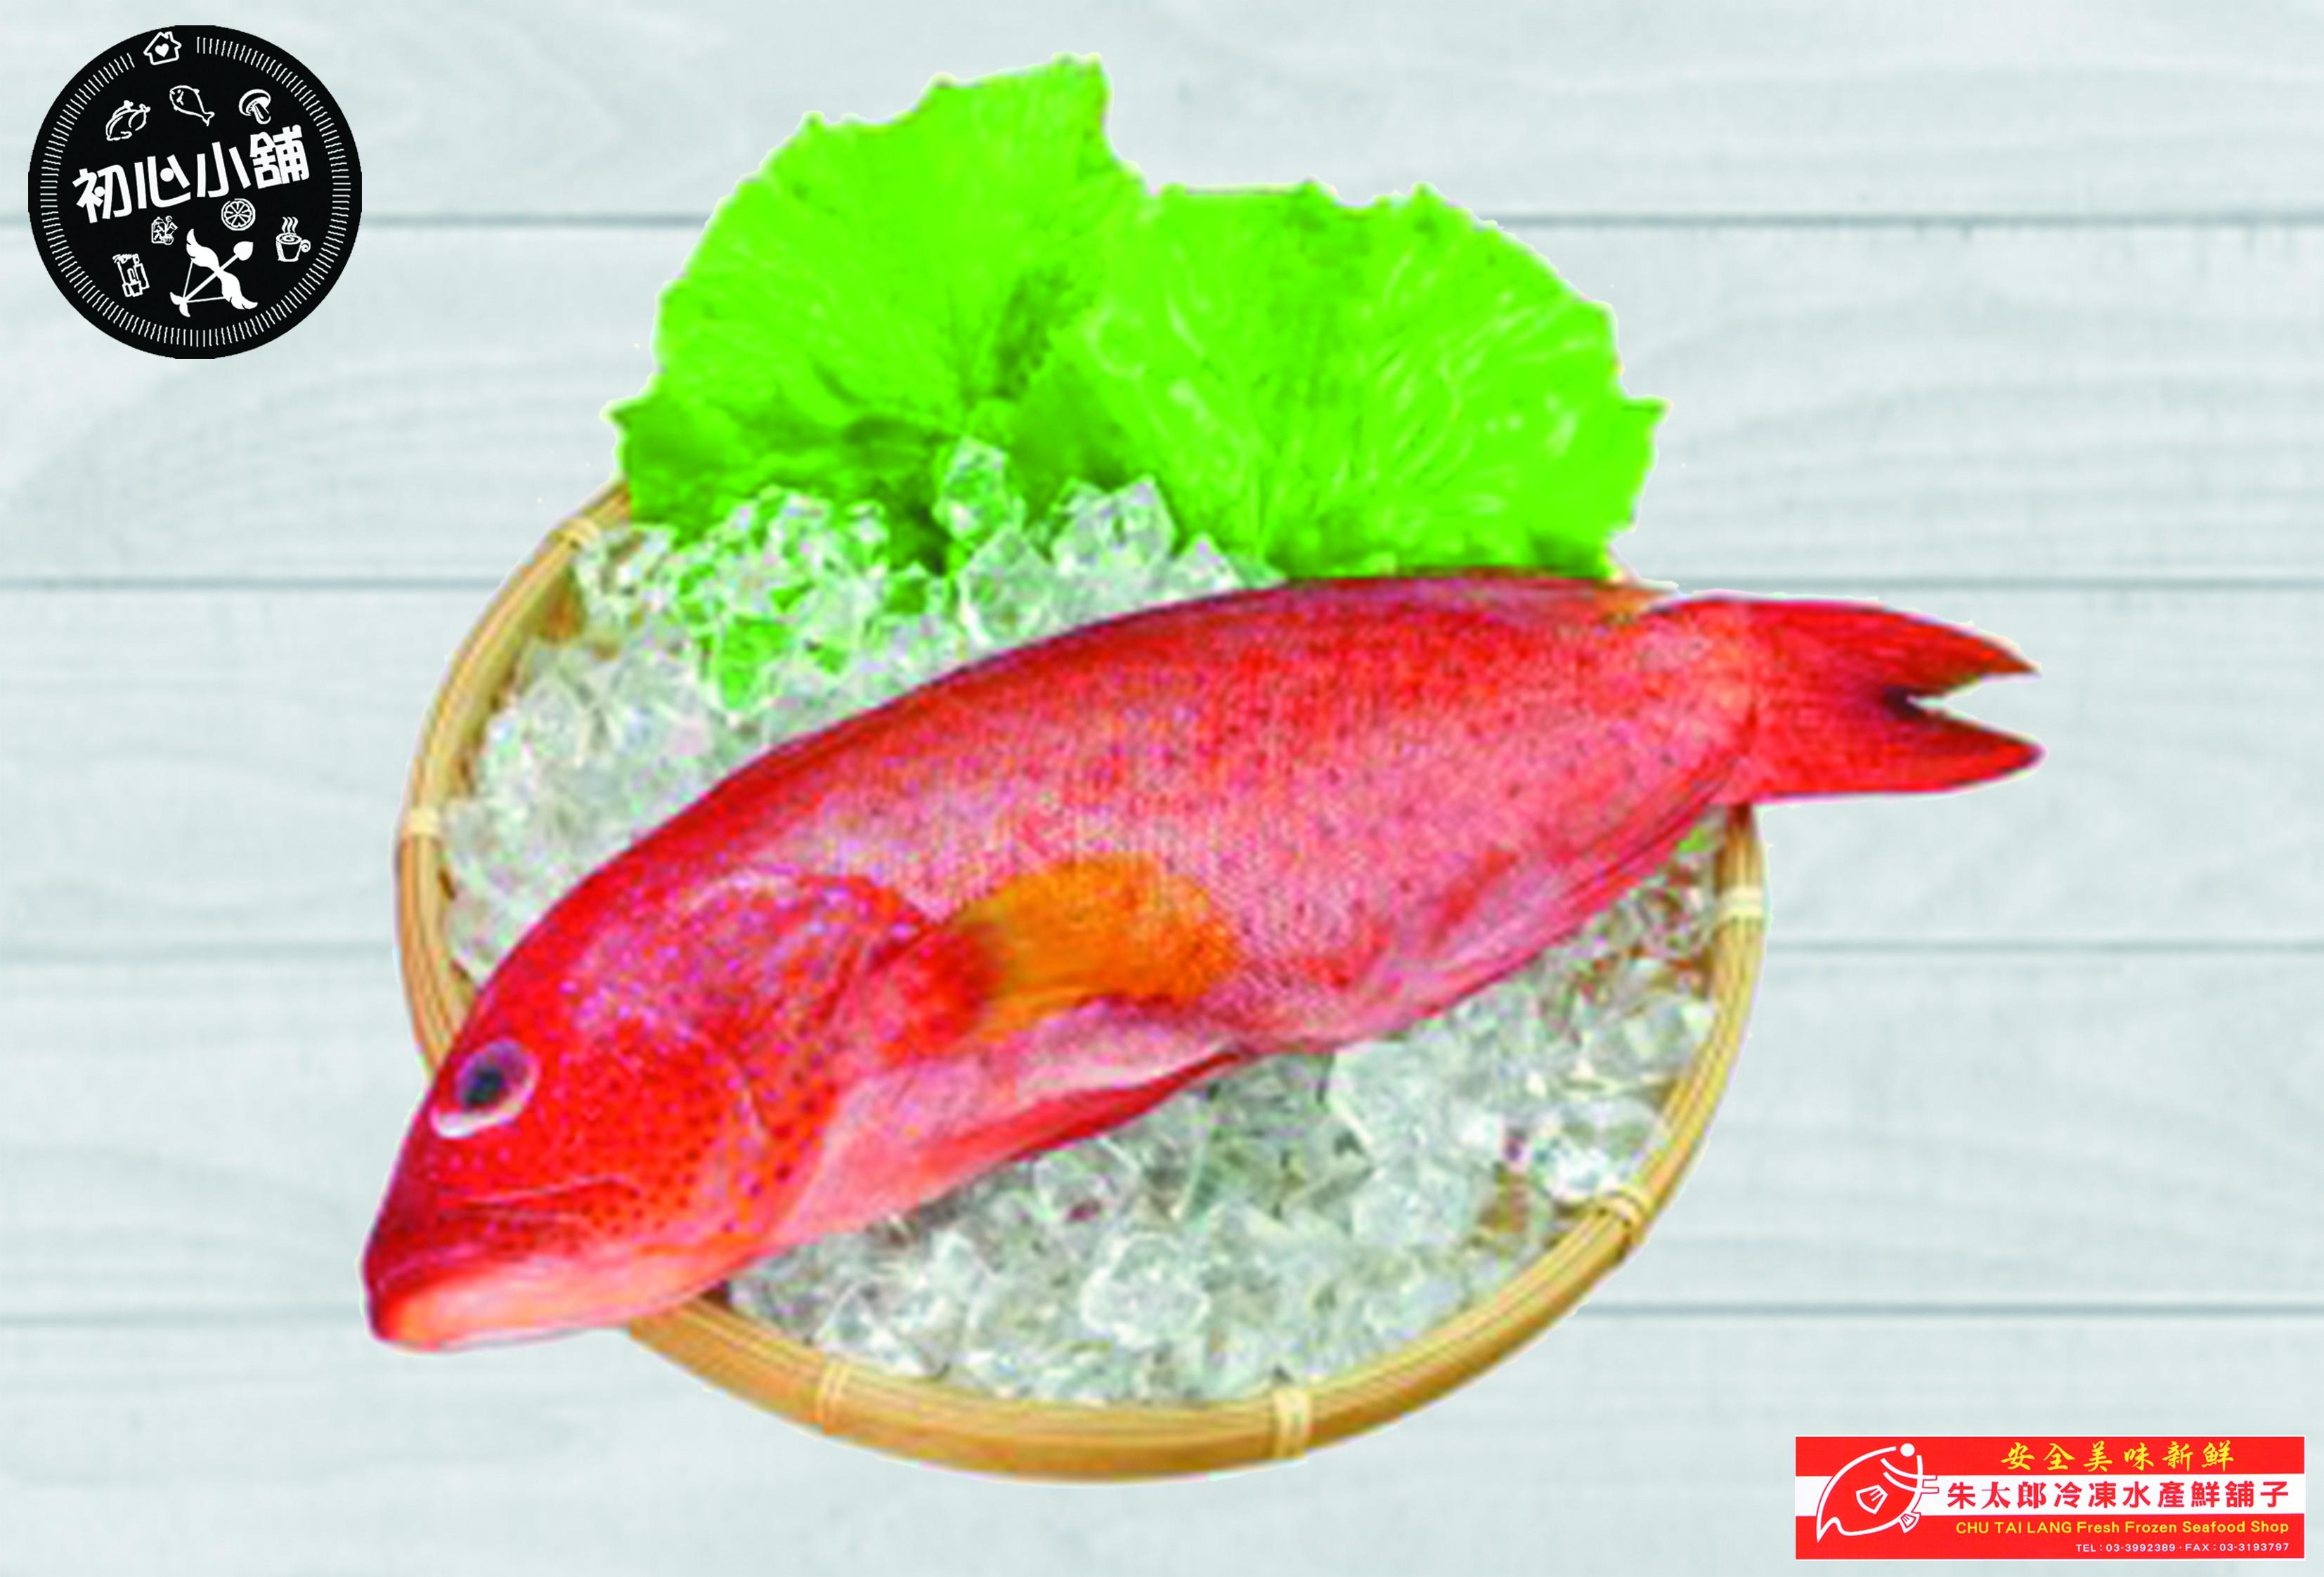 朱太郎野生紅縧魚